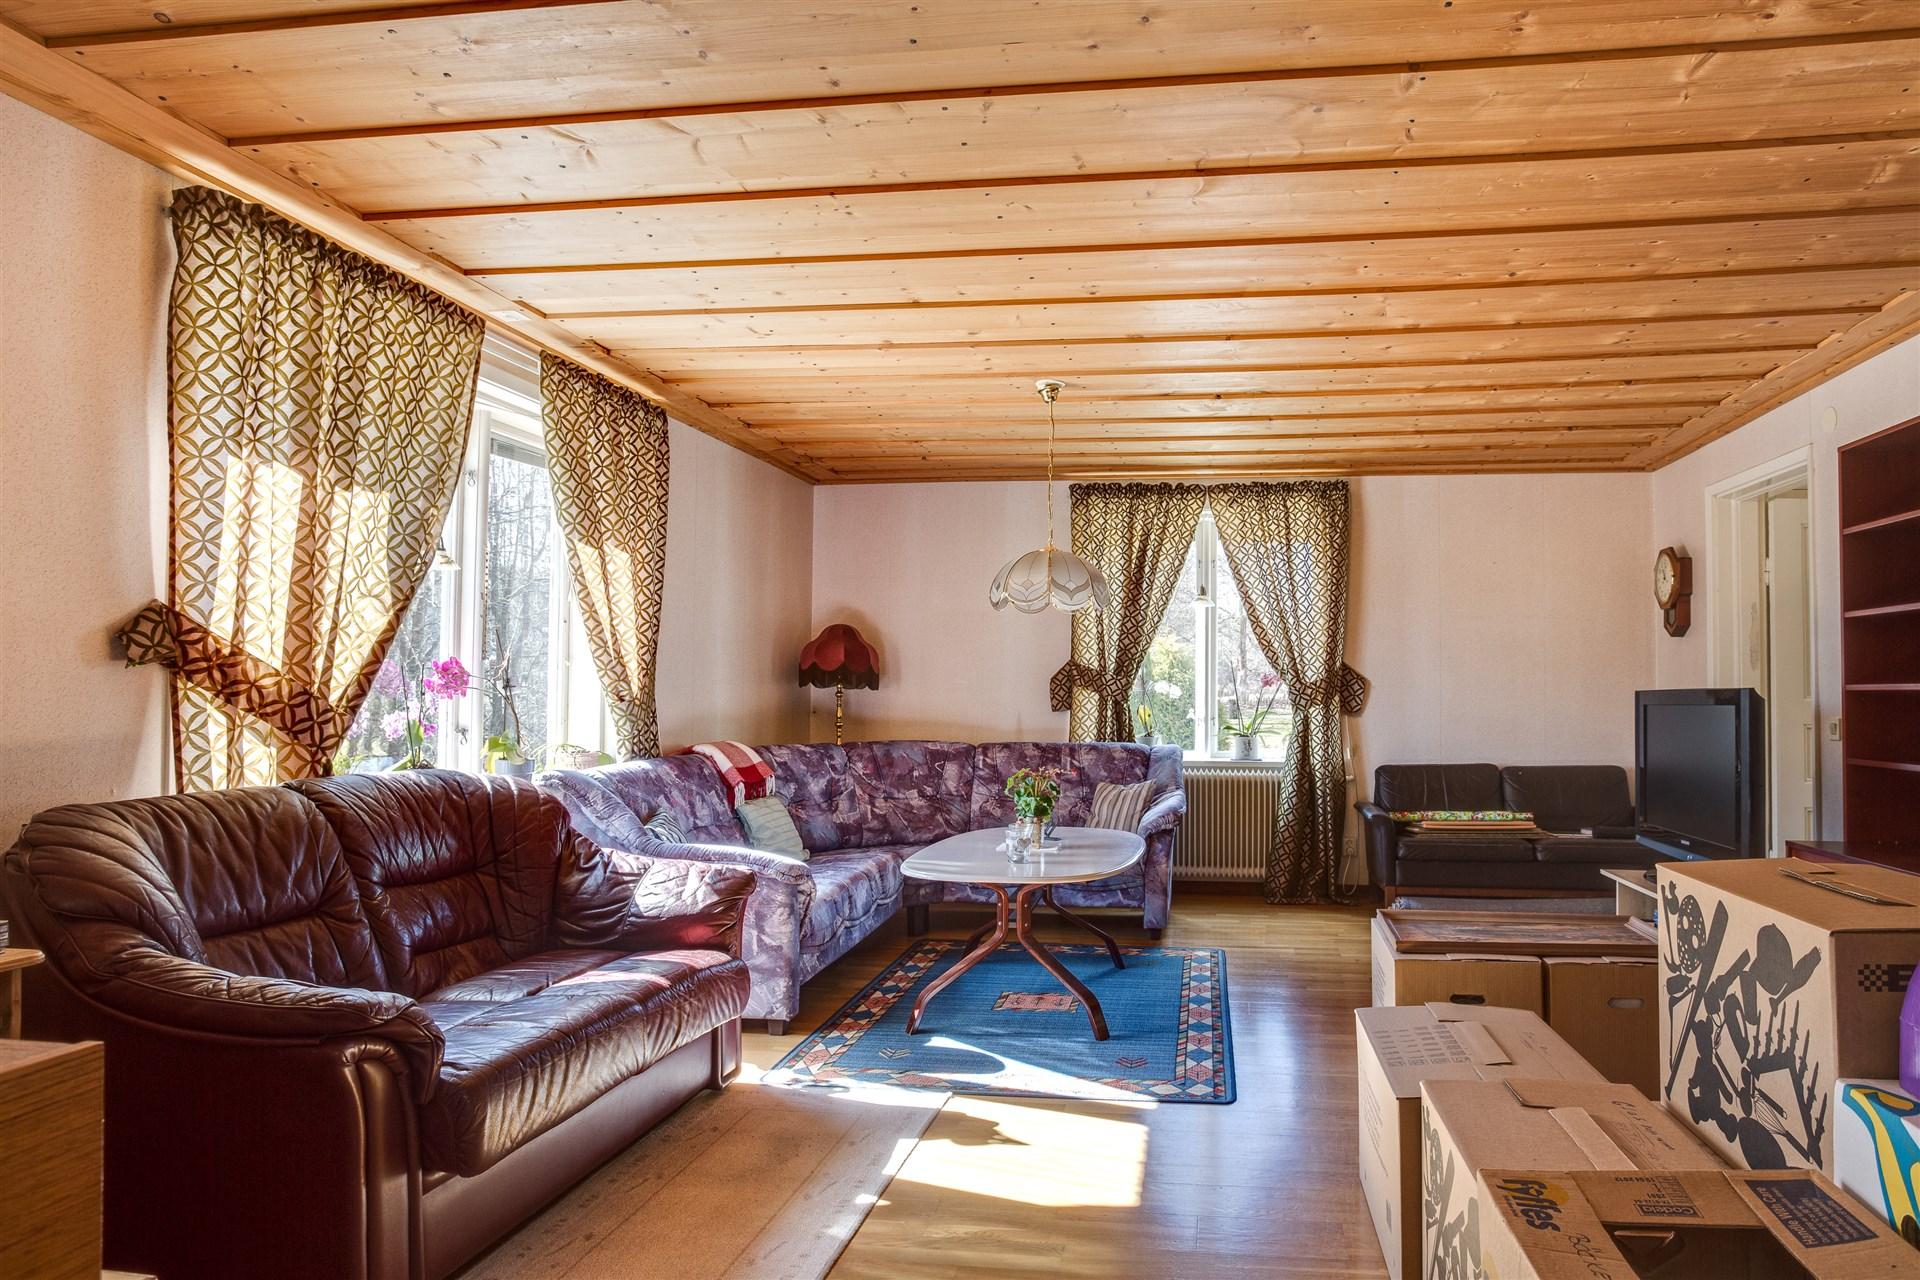 Vardagsrum med fint parkettgolv och breda plank i taket.